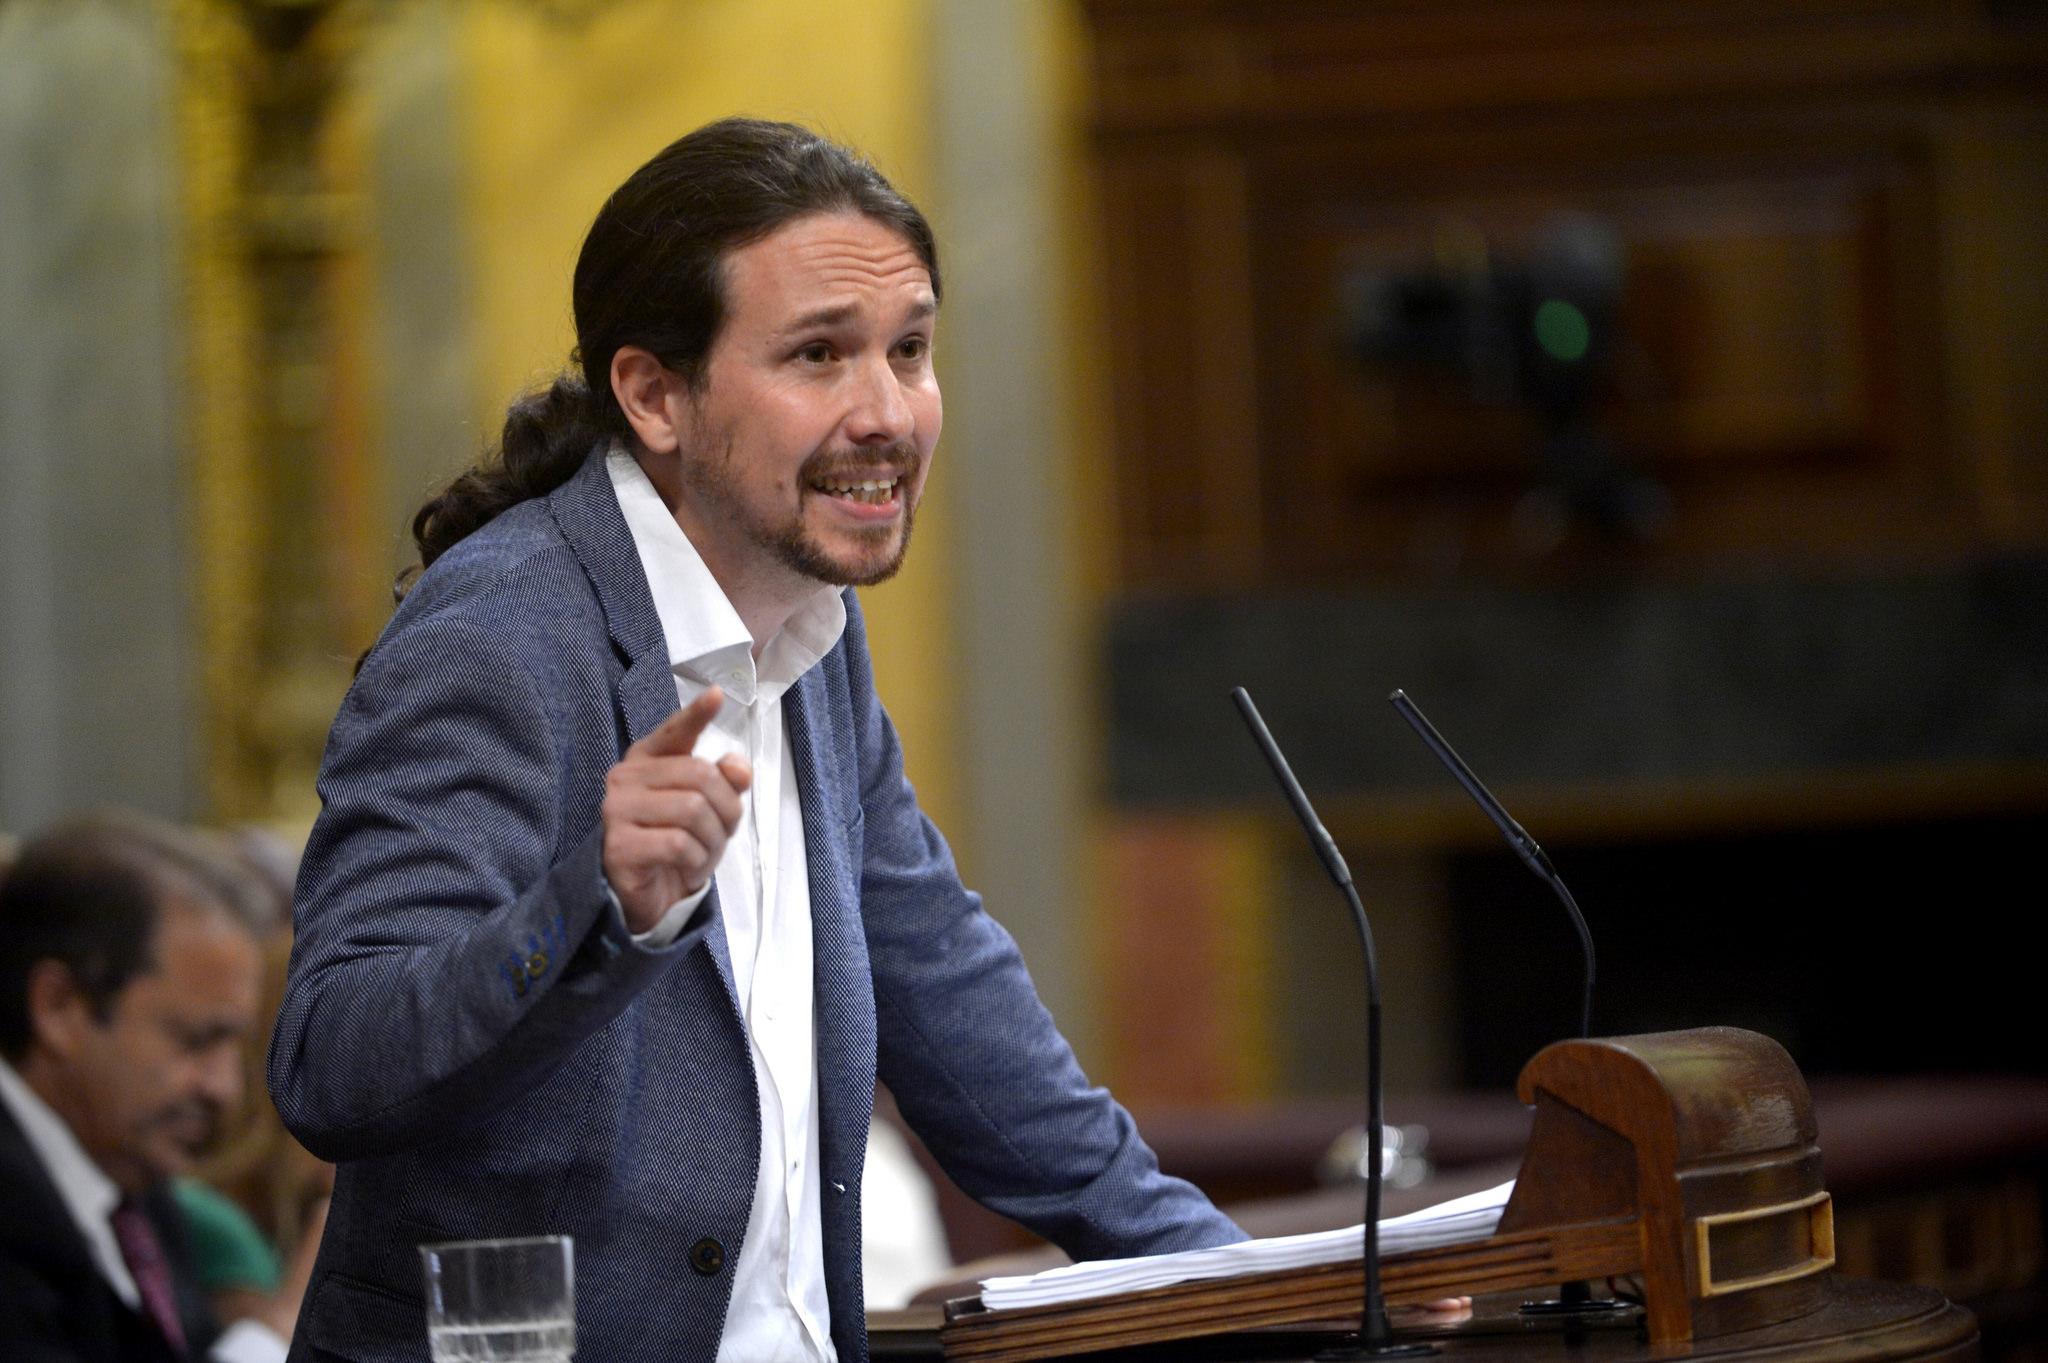 PAblo Iglesias Mocion de Censura